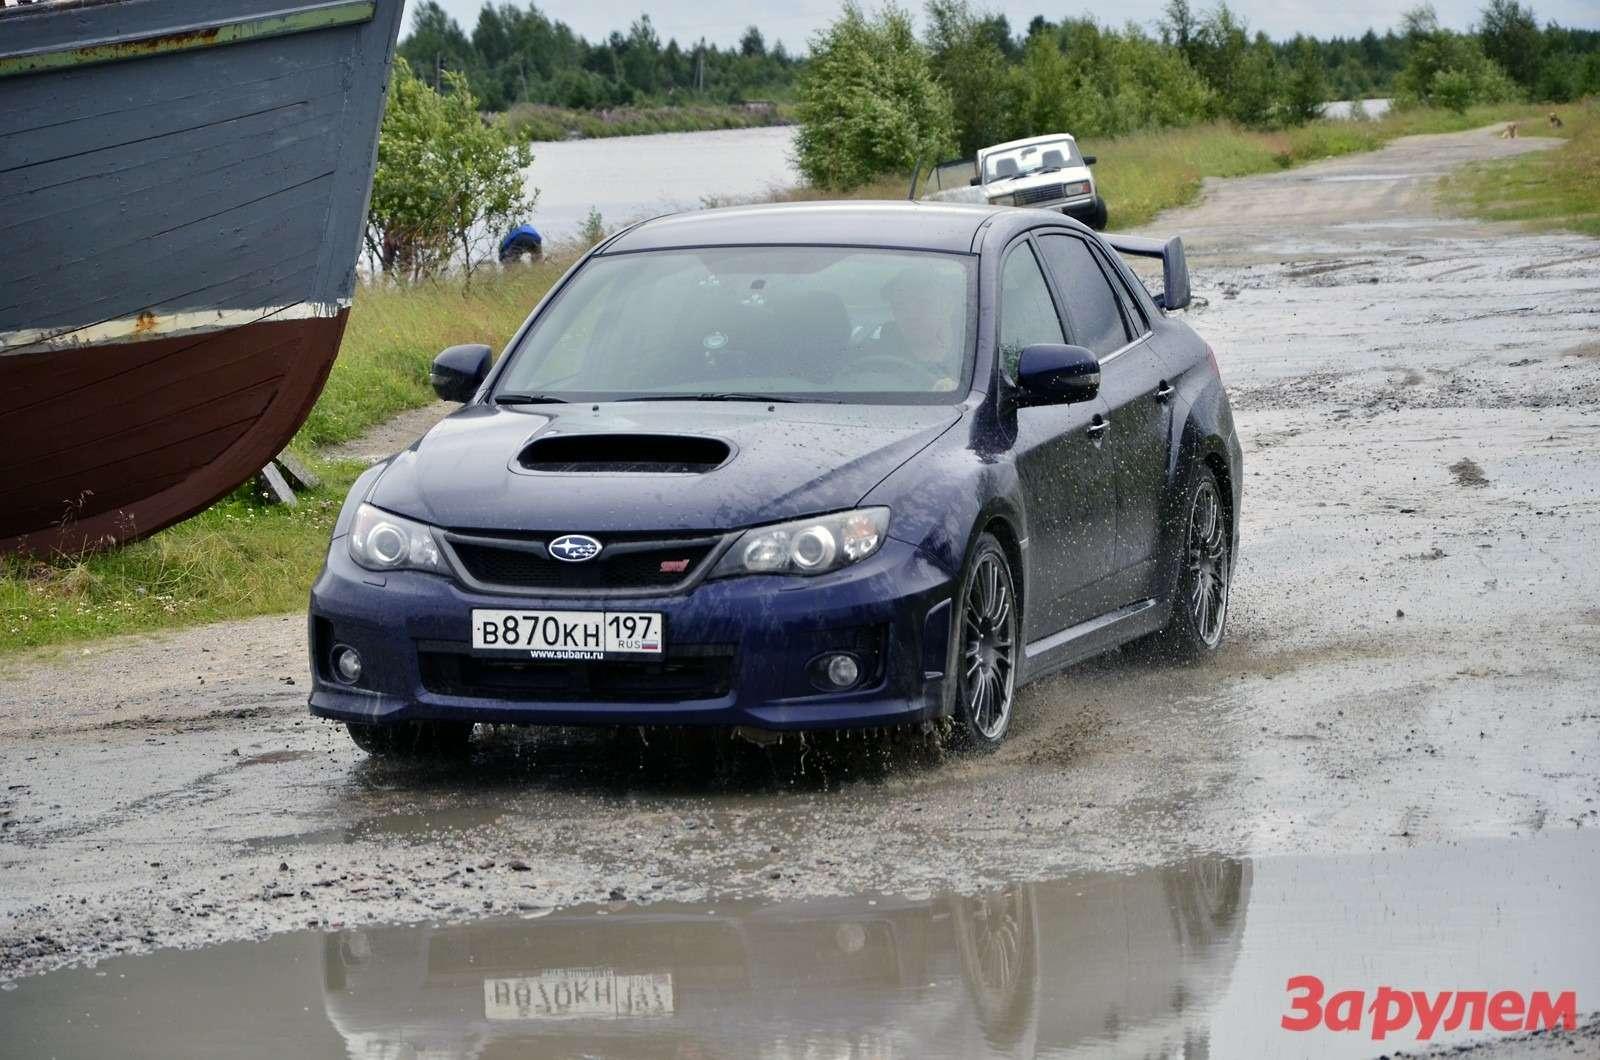 Belomorcanal_Subaru_road_trip_07